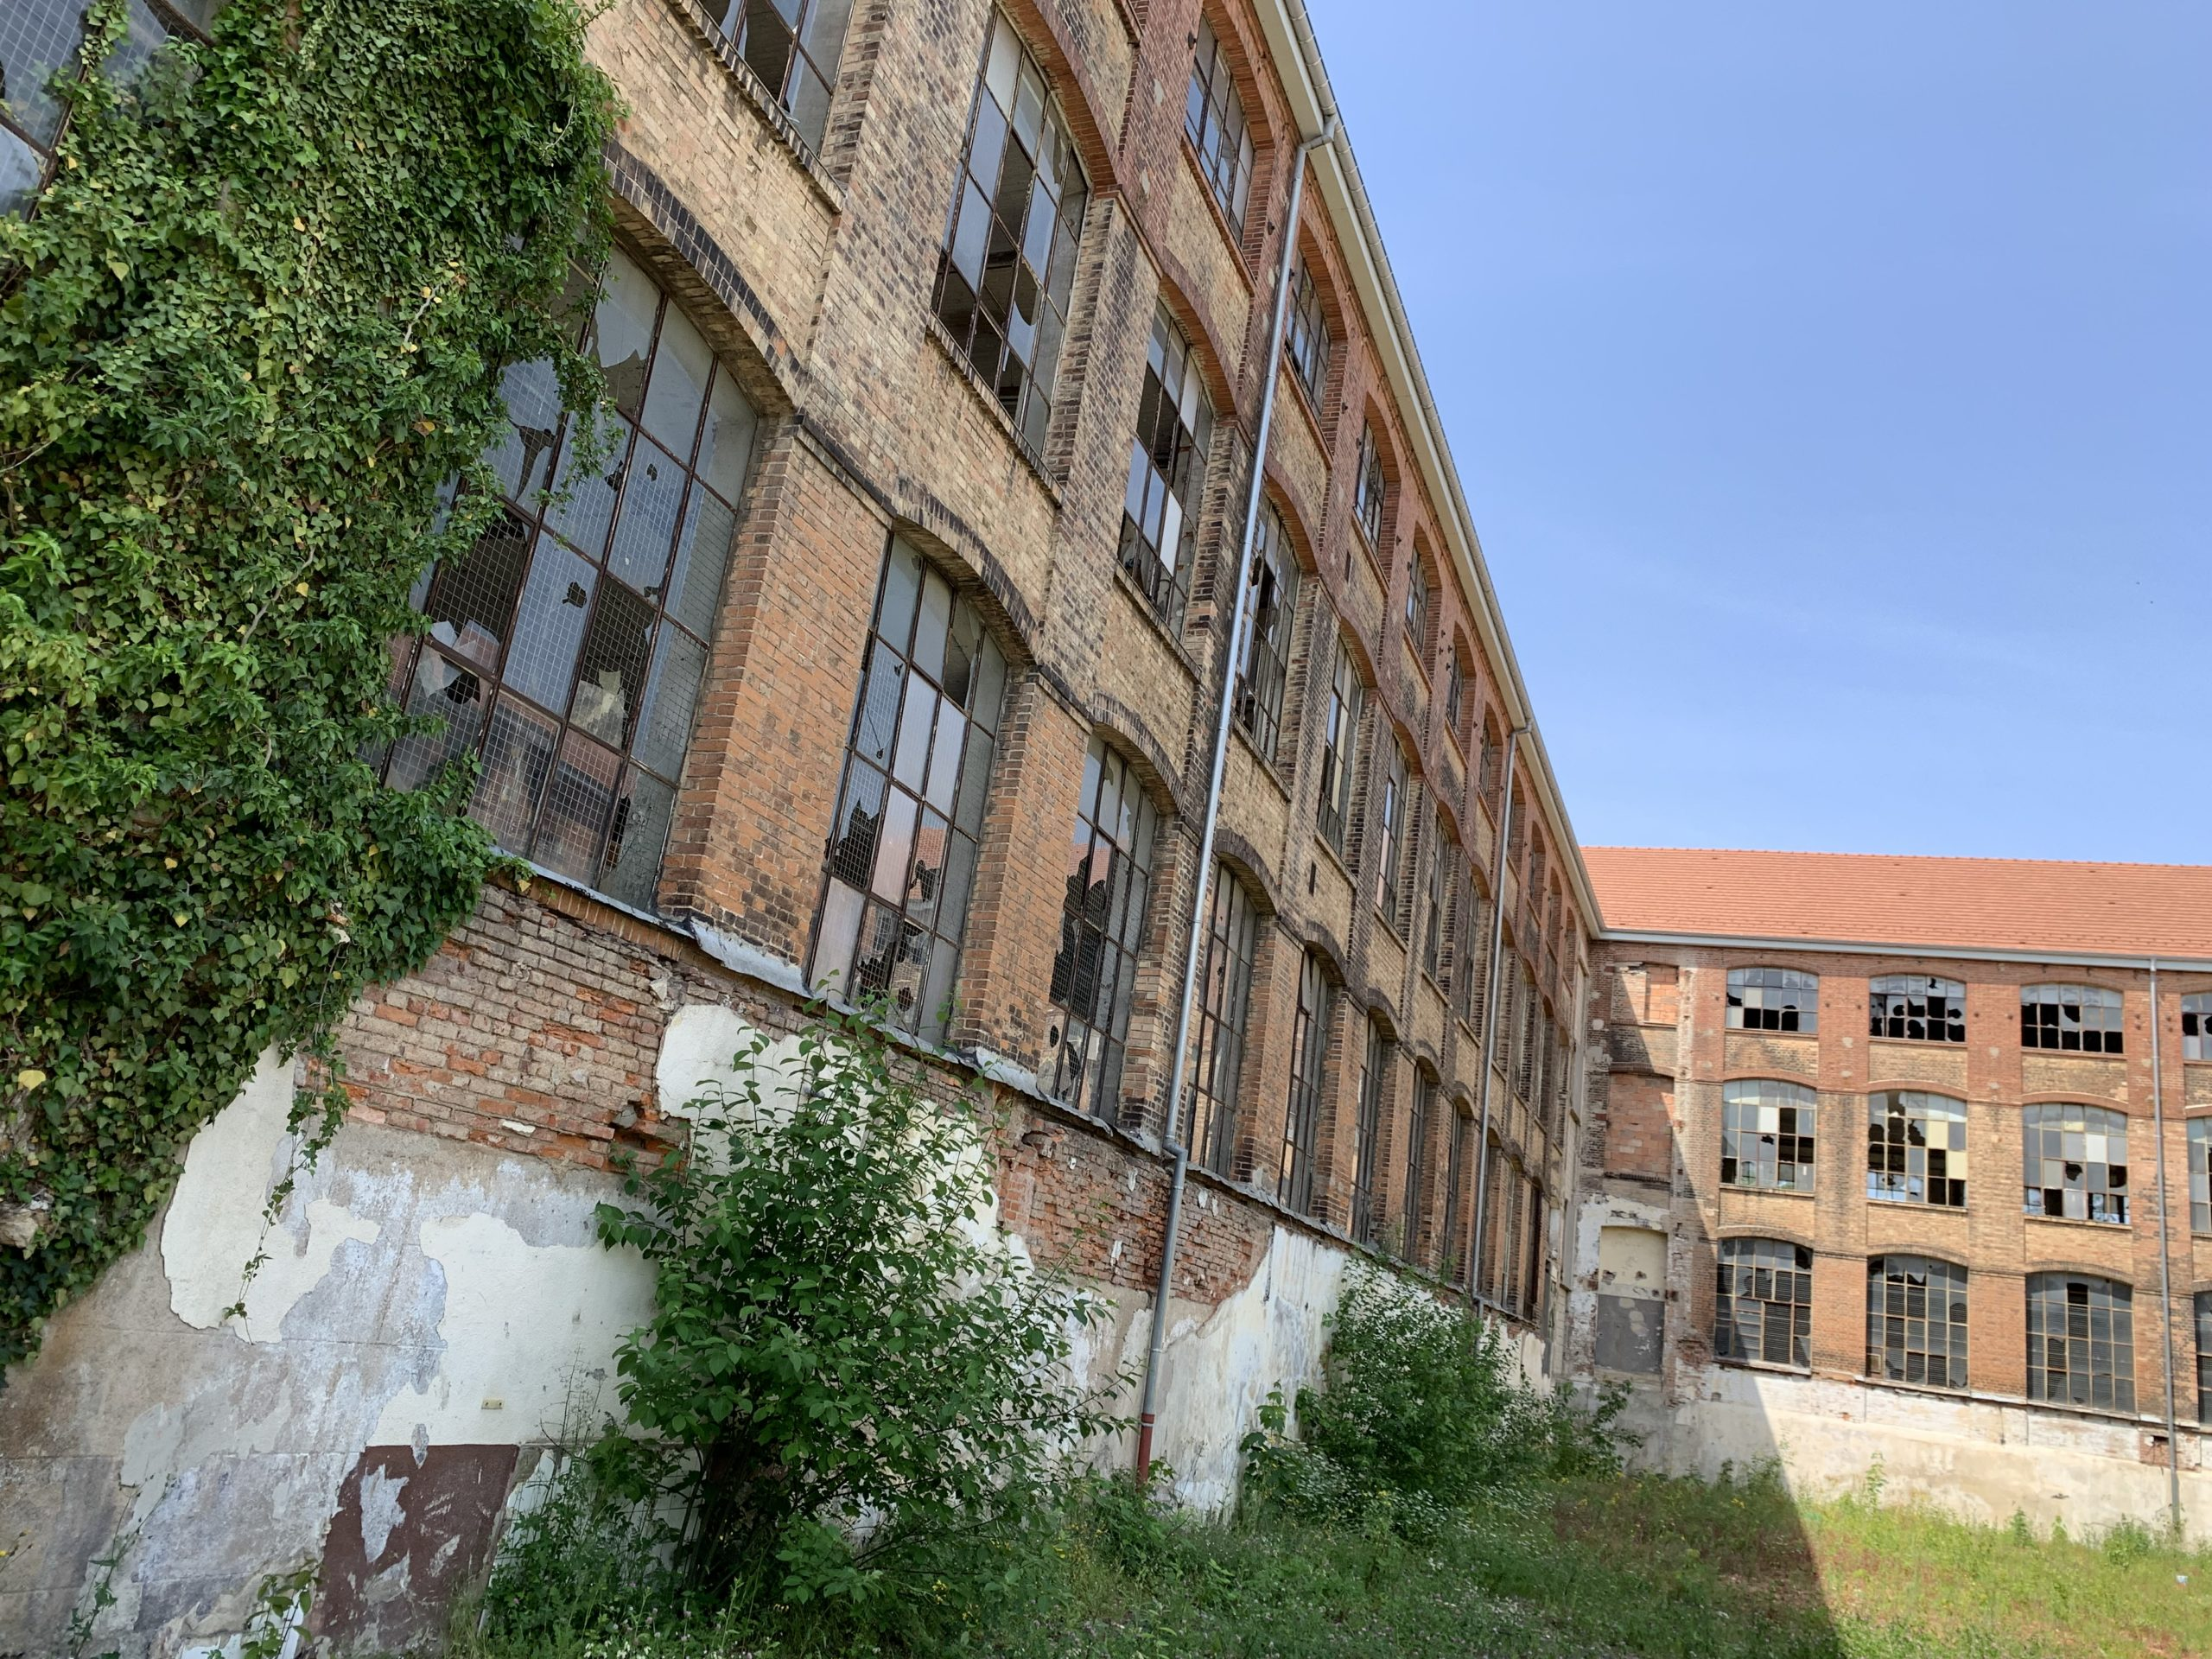 Japy Factory – beaucourt (TQ) 12